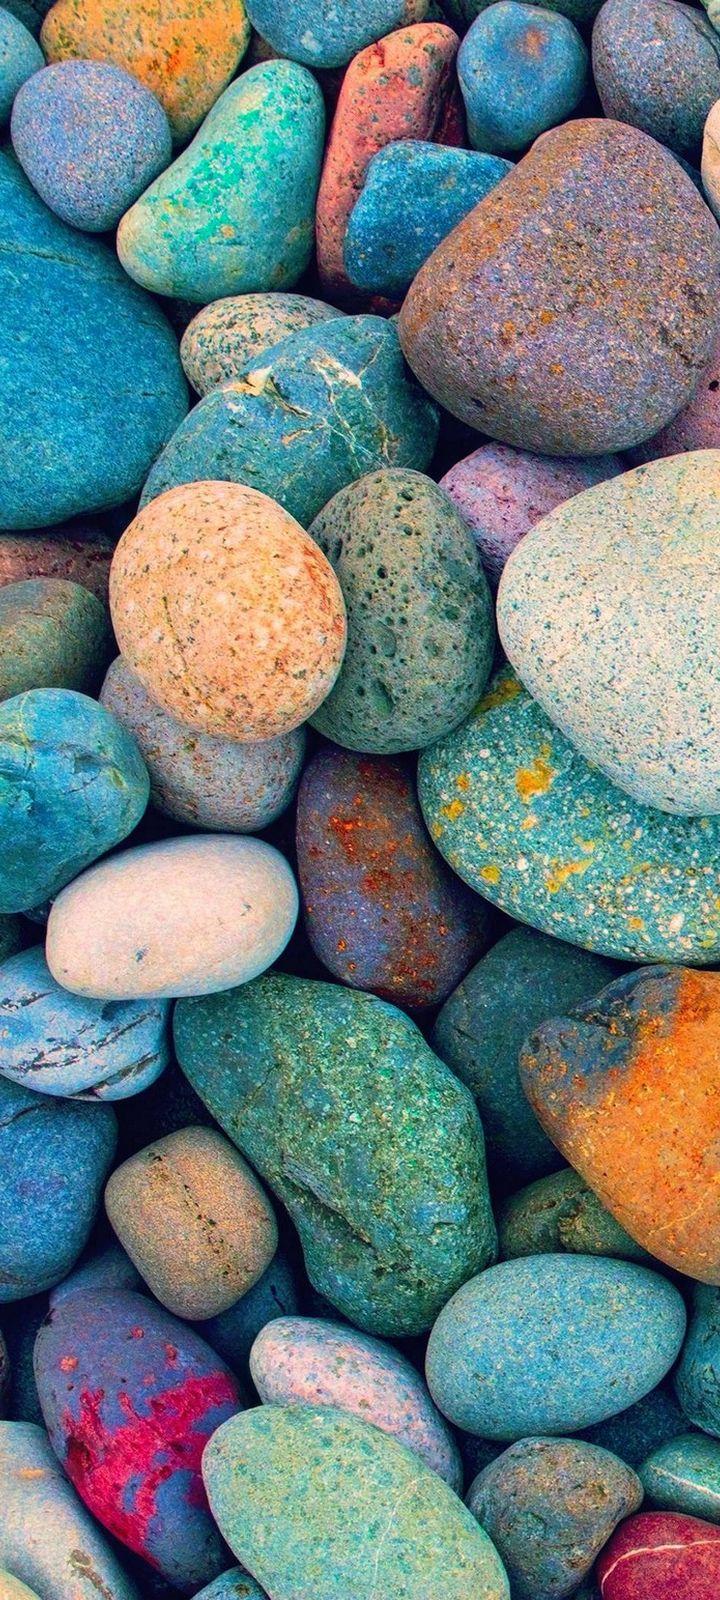 Multicolored Stones Wallpaper 720x1600